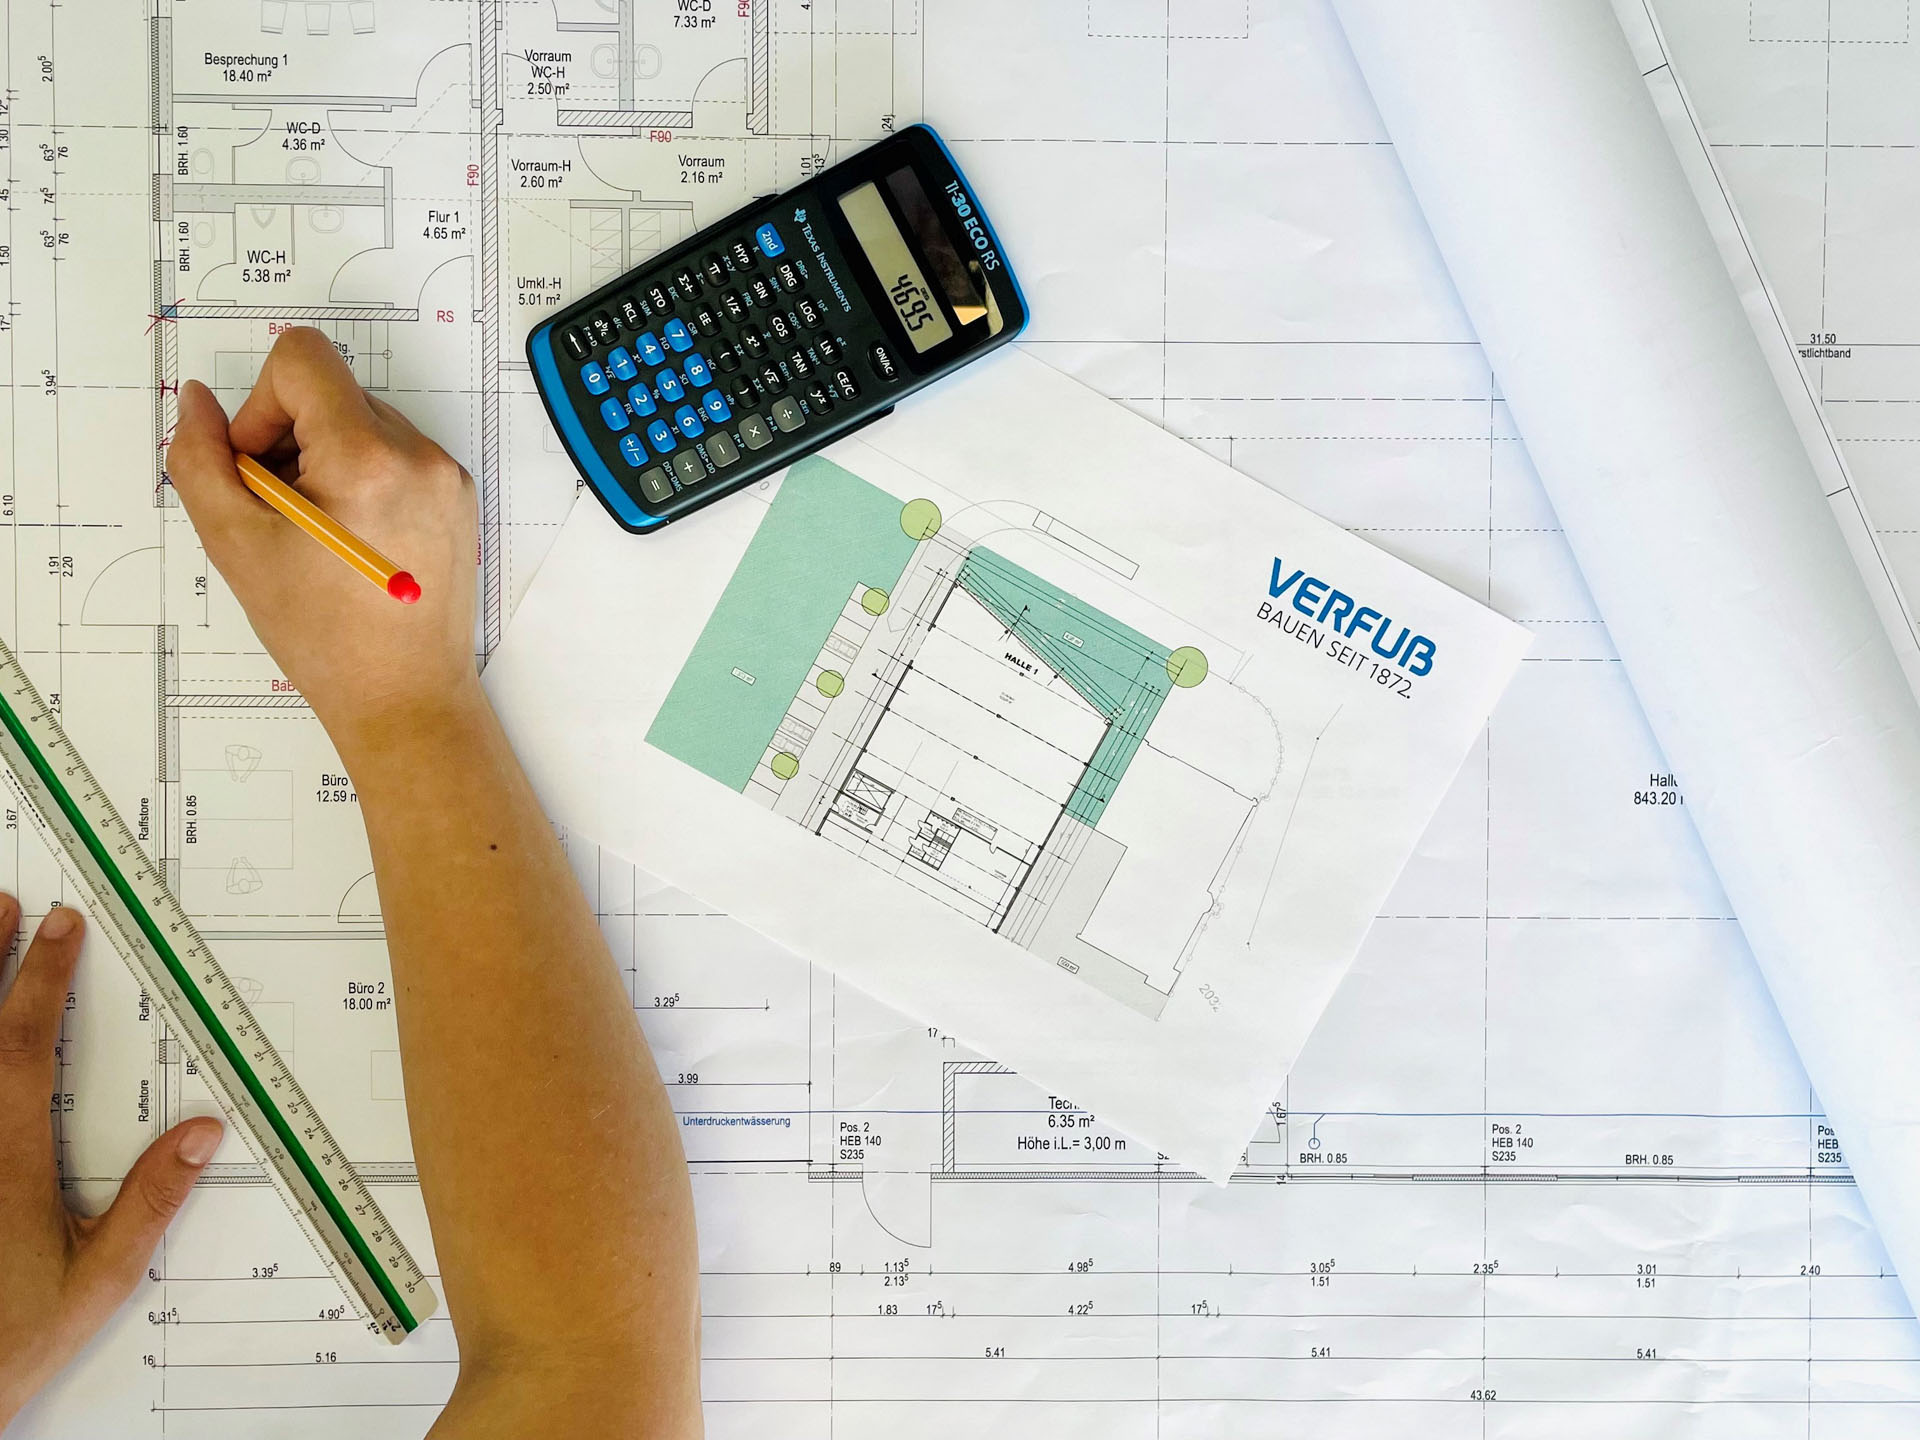 Bauzeichner bearbeitet einen Bauplan eines Mehrfamilienhauses